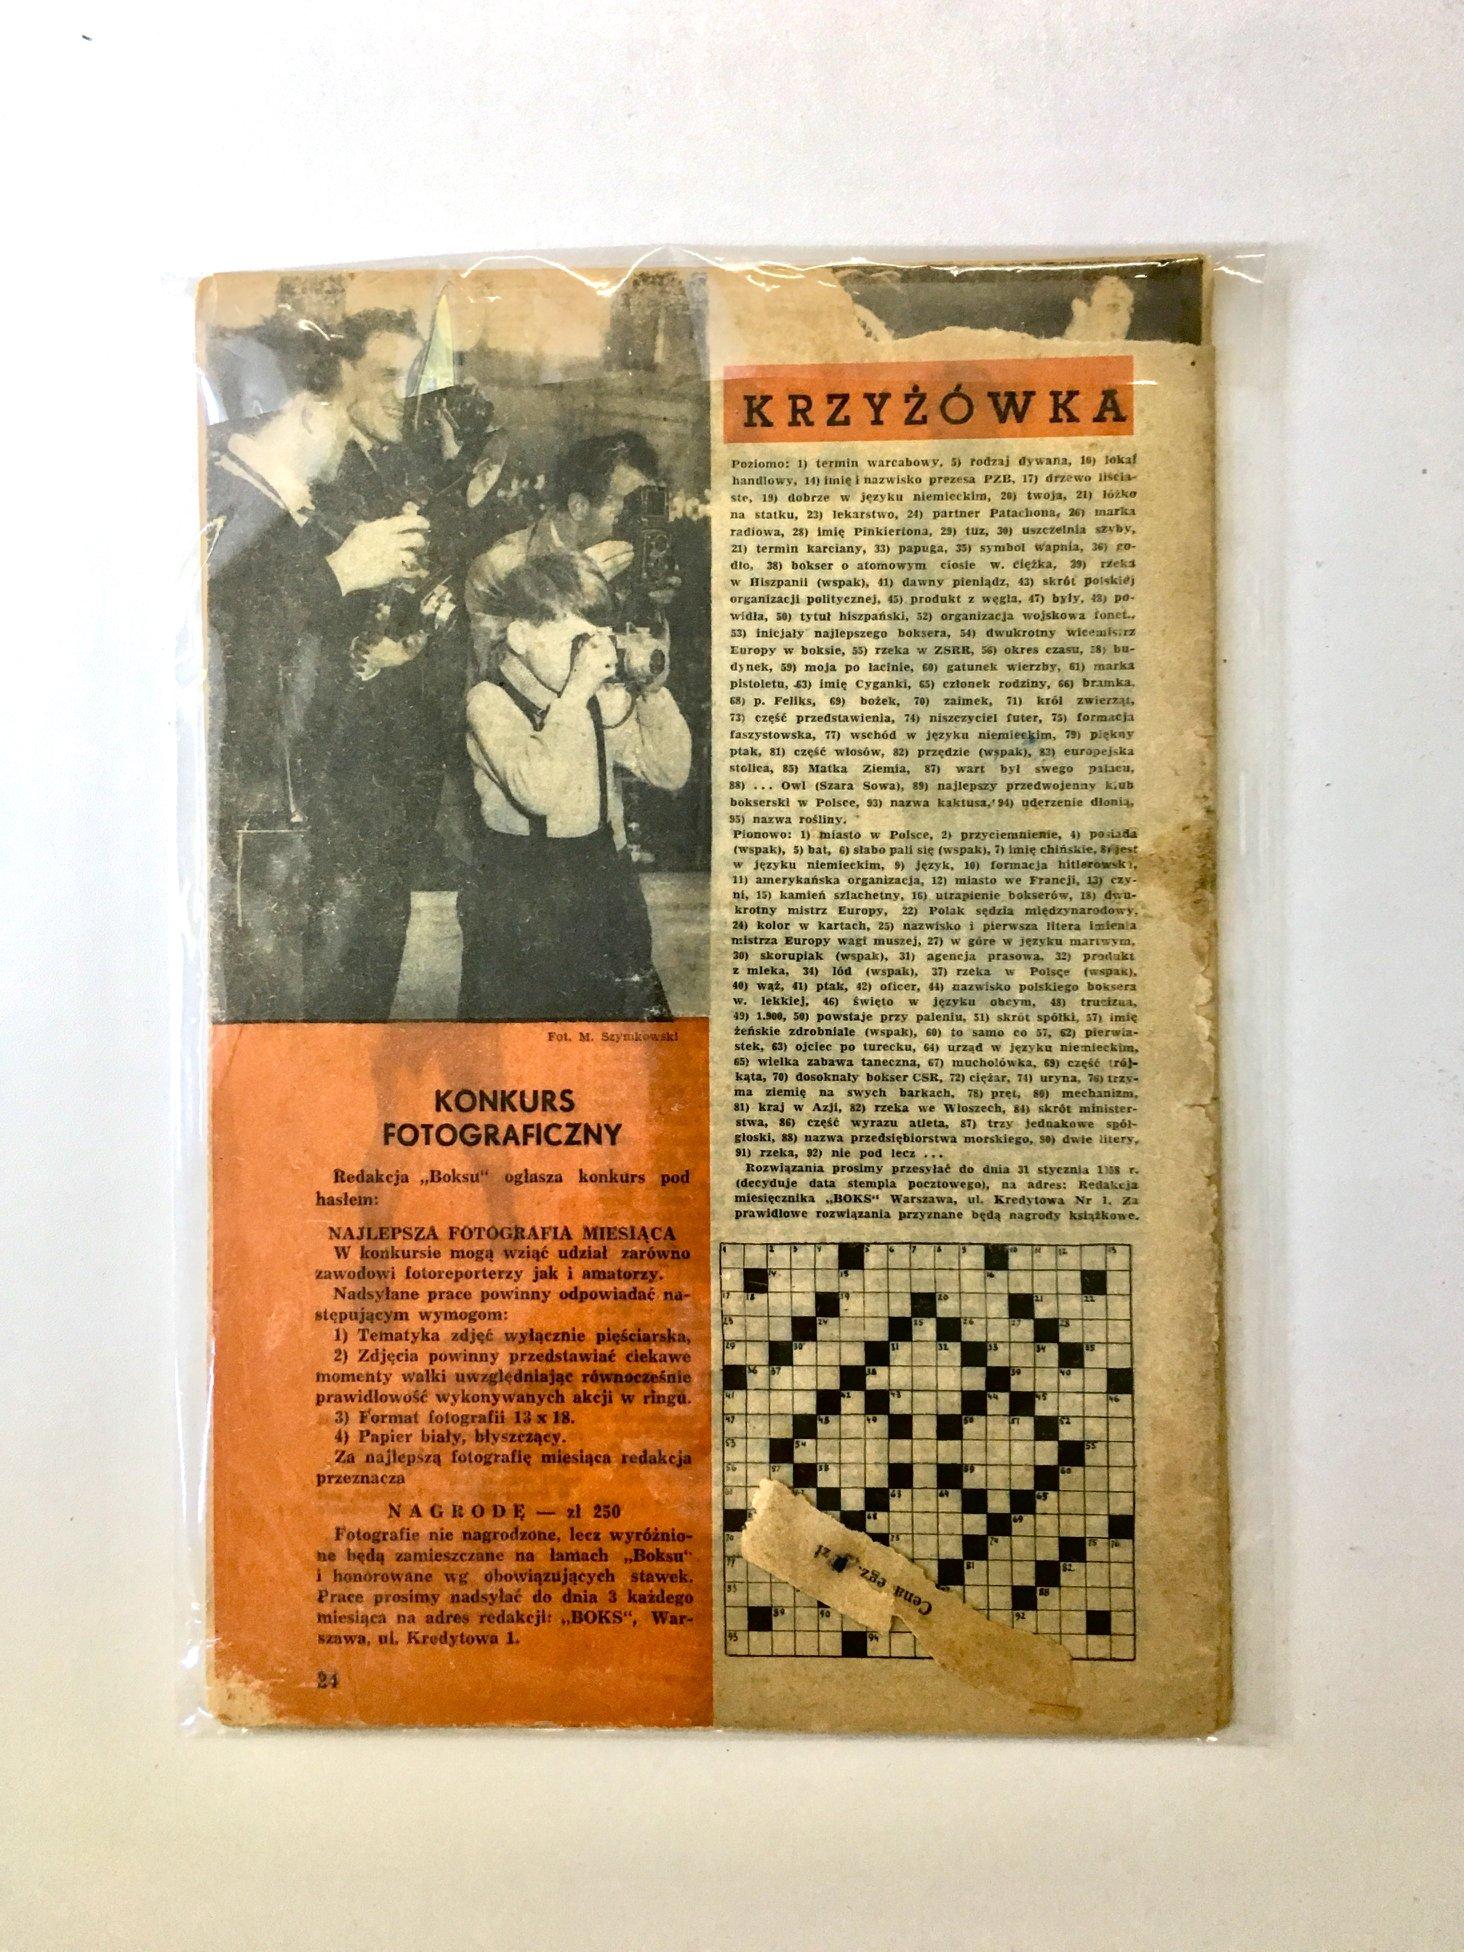 BOKS wydanie nr.1 styczeń 1958 r